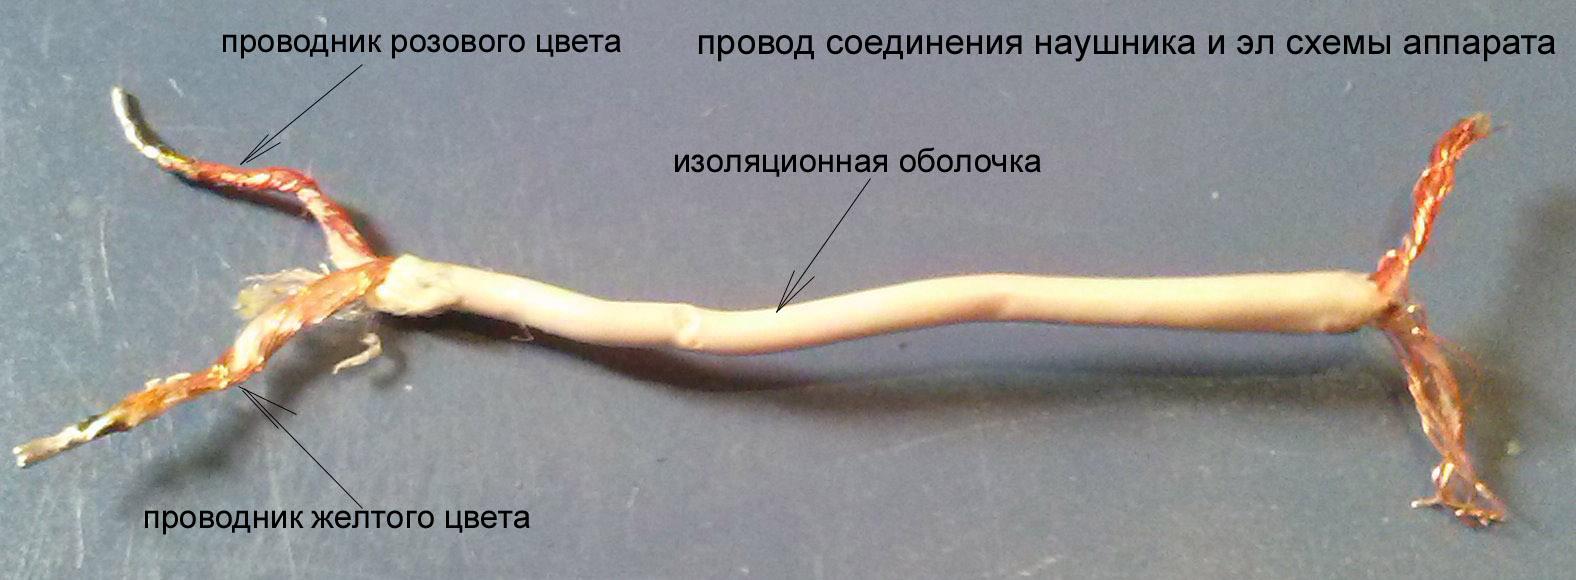 Ремонт слухового аппарата. (Почти детективная история) - 3